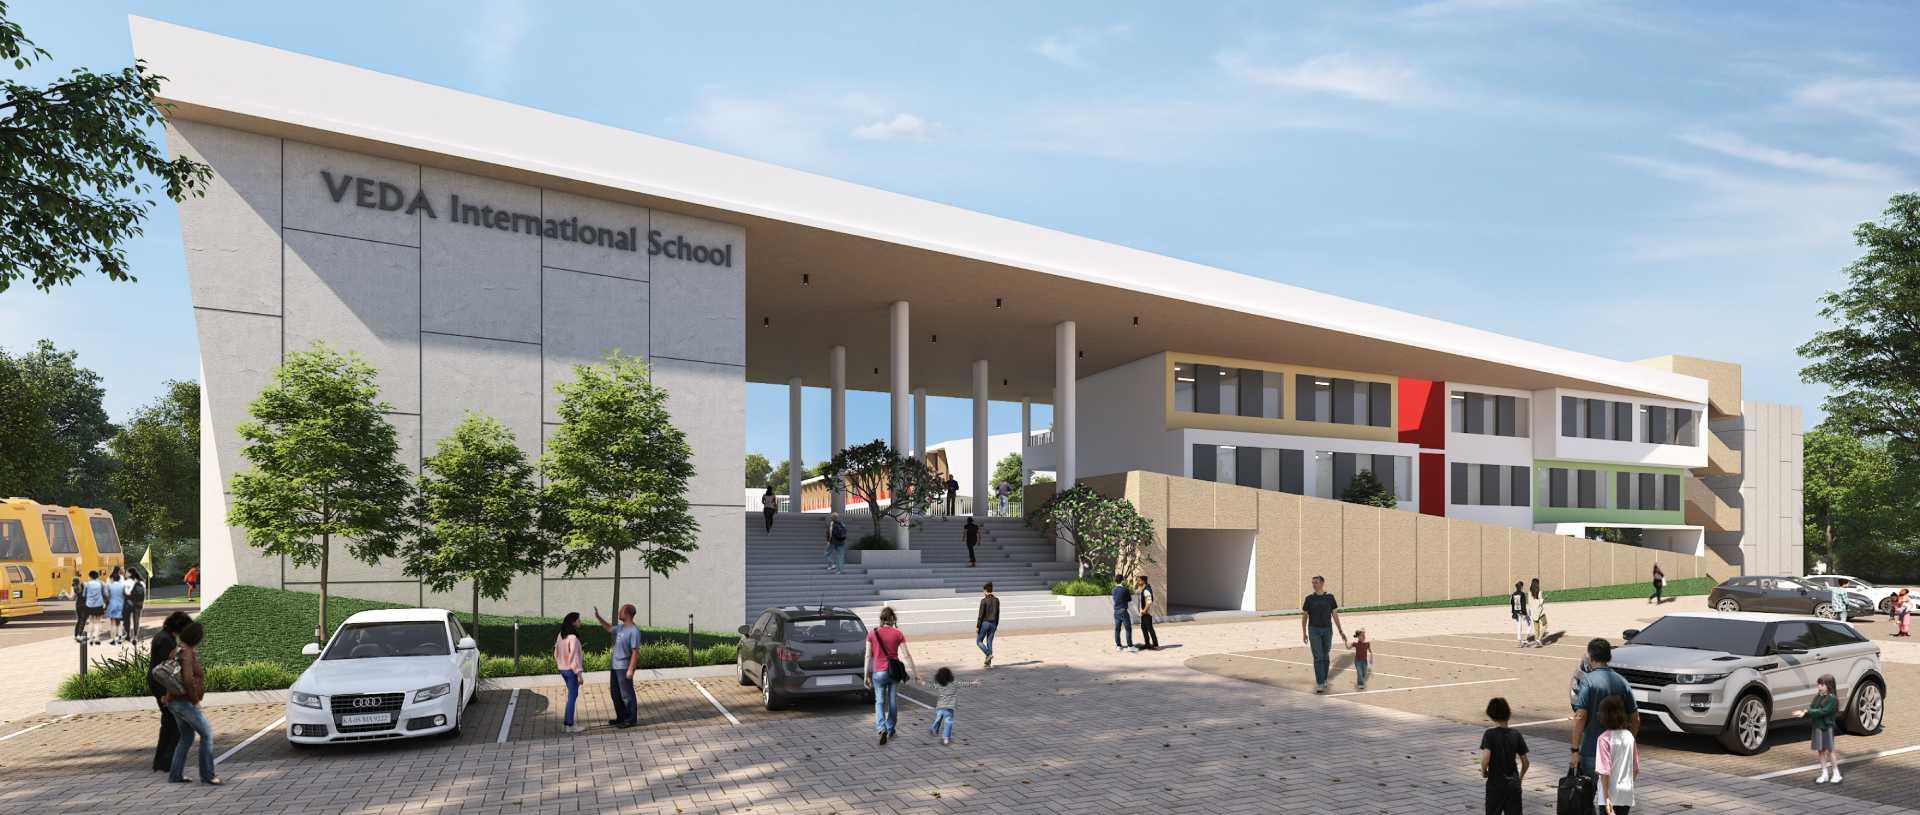 Veda School